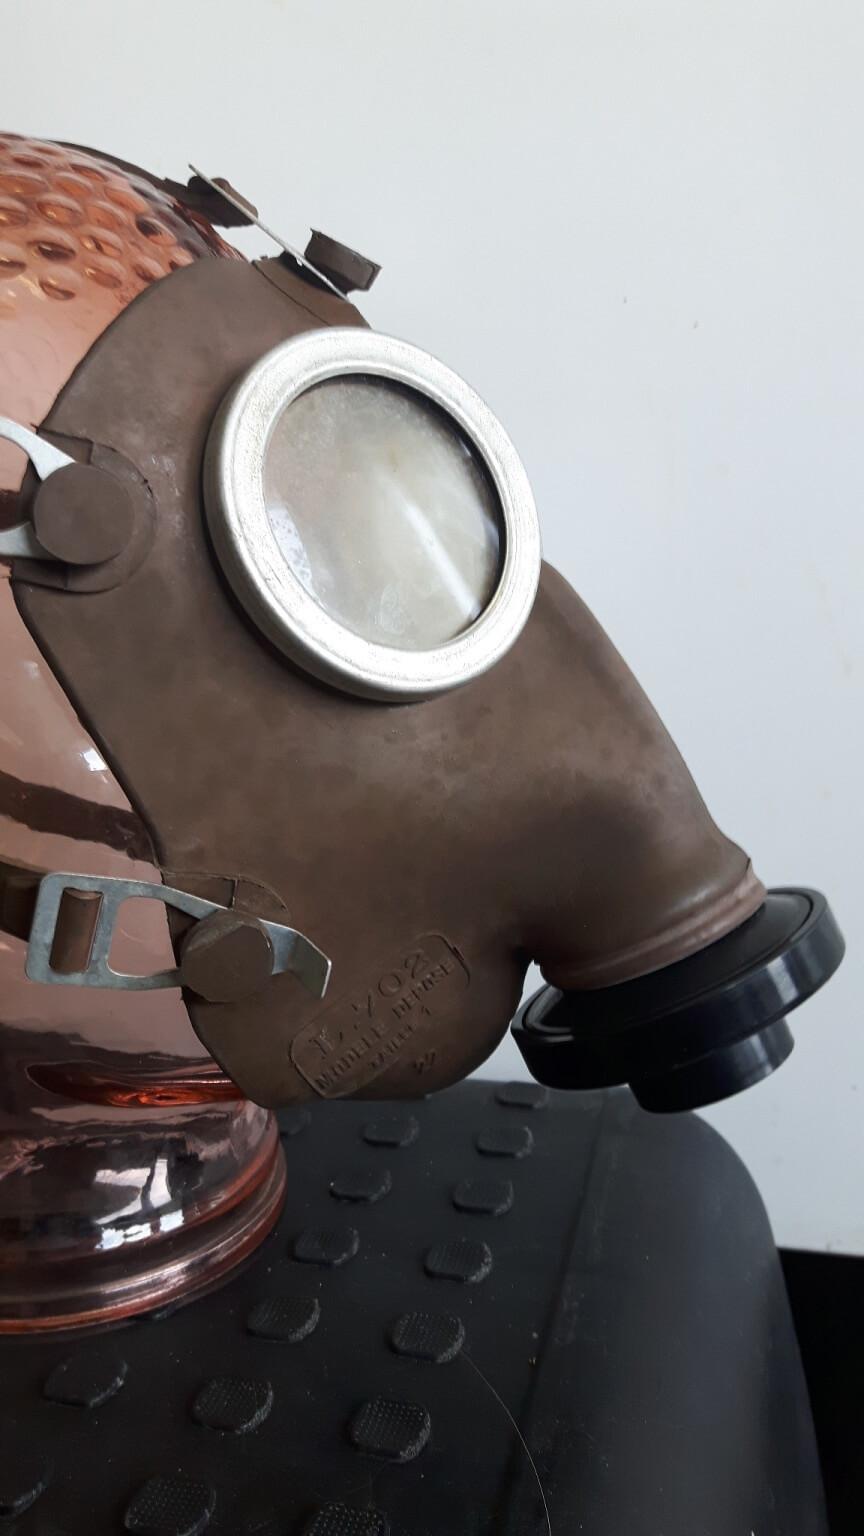 Kinder gasmasker L.702